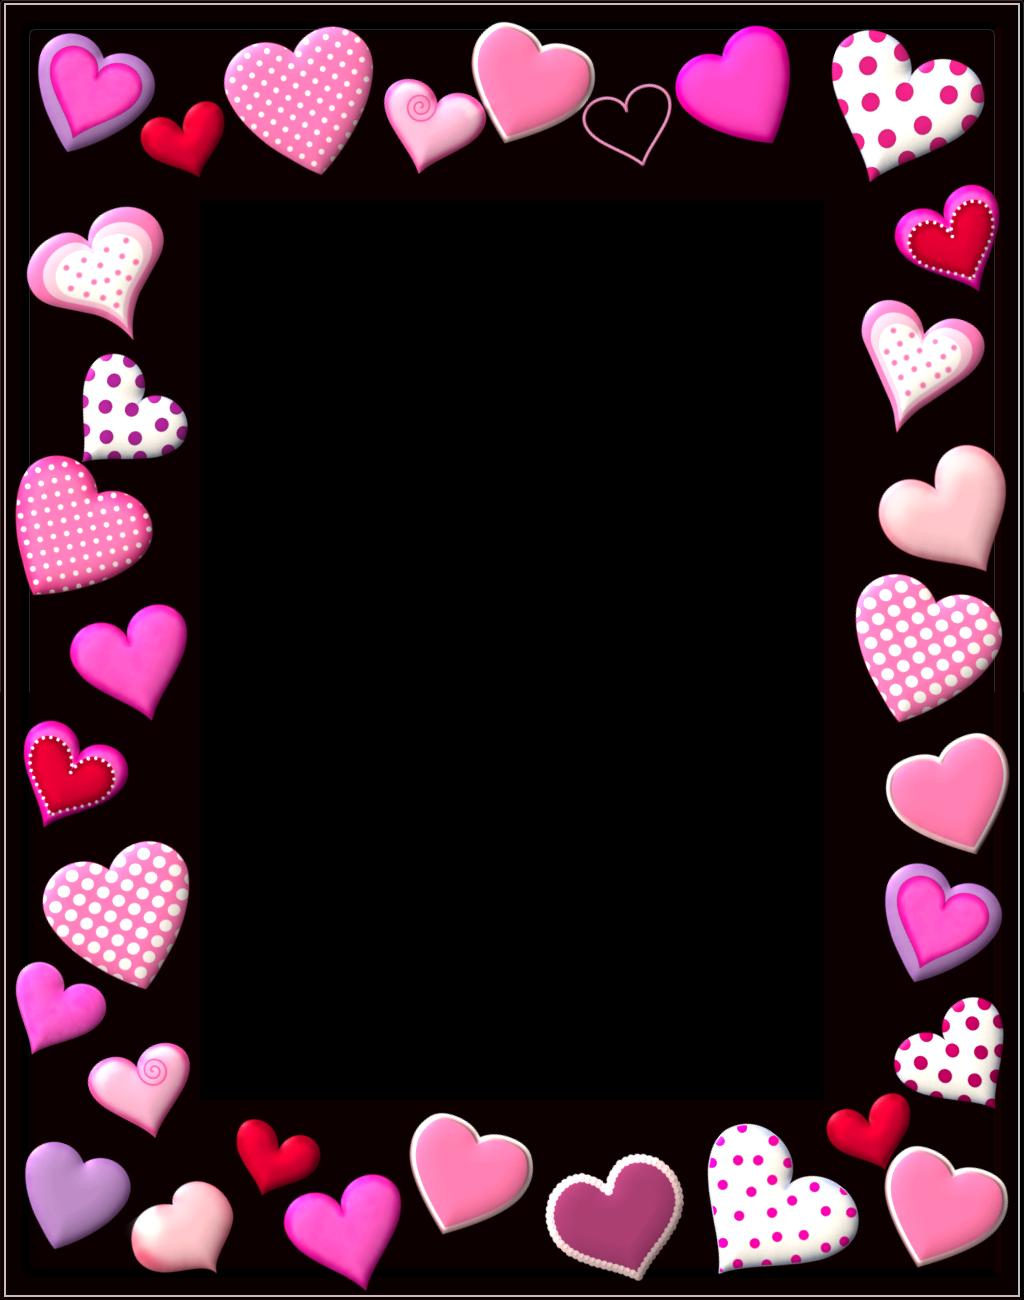 Marcos en rosado con corazones para imprimir gratis oh - Marcos de corazones para fotos ...